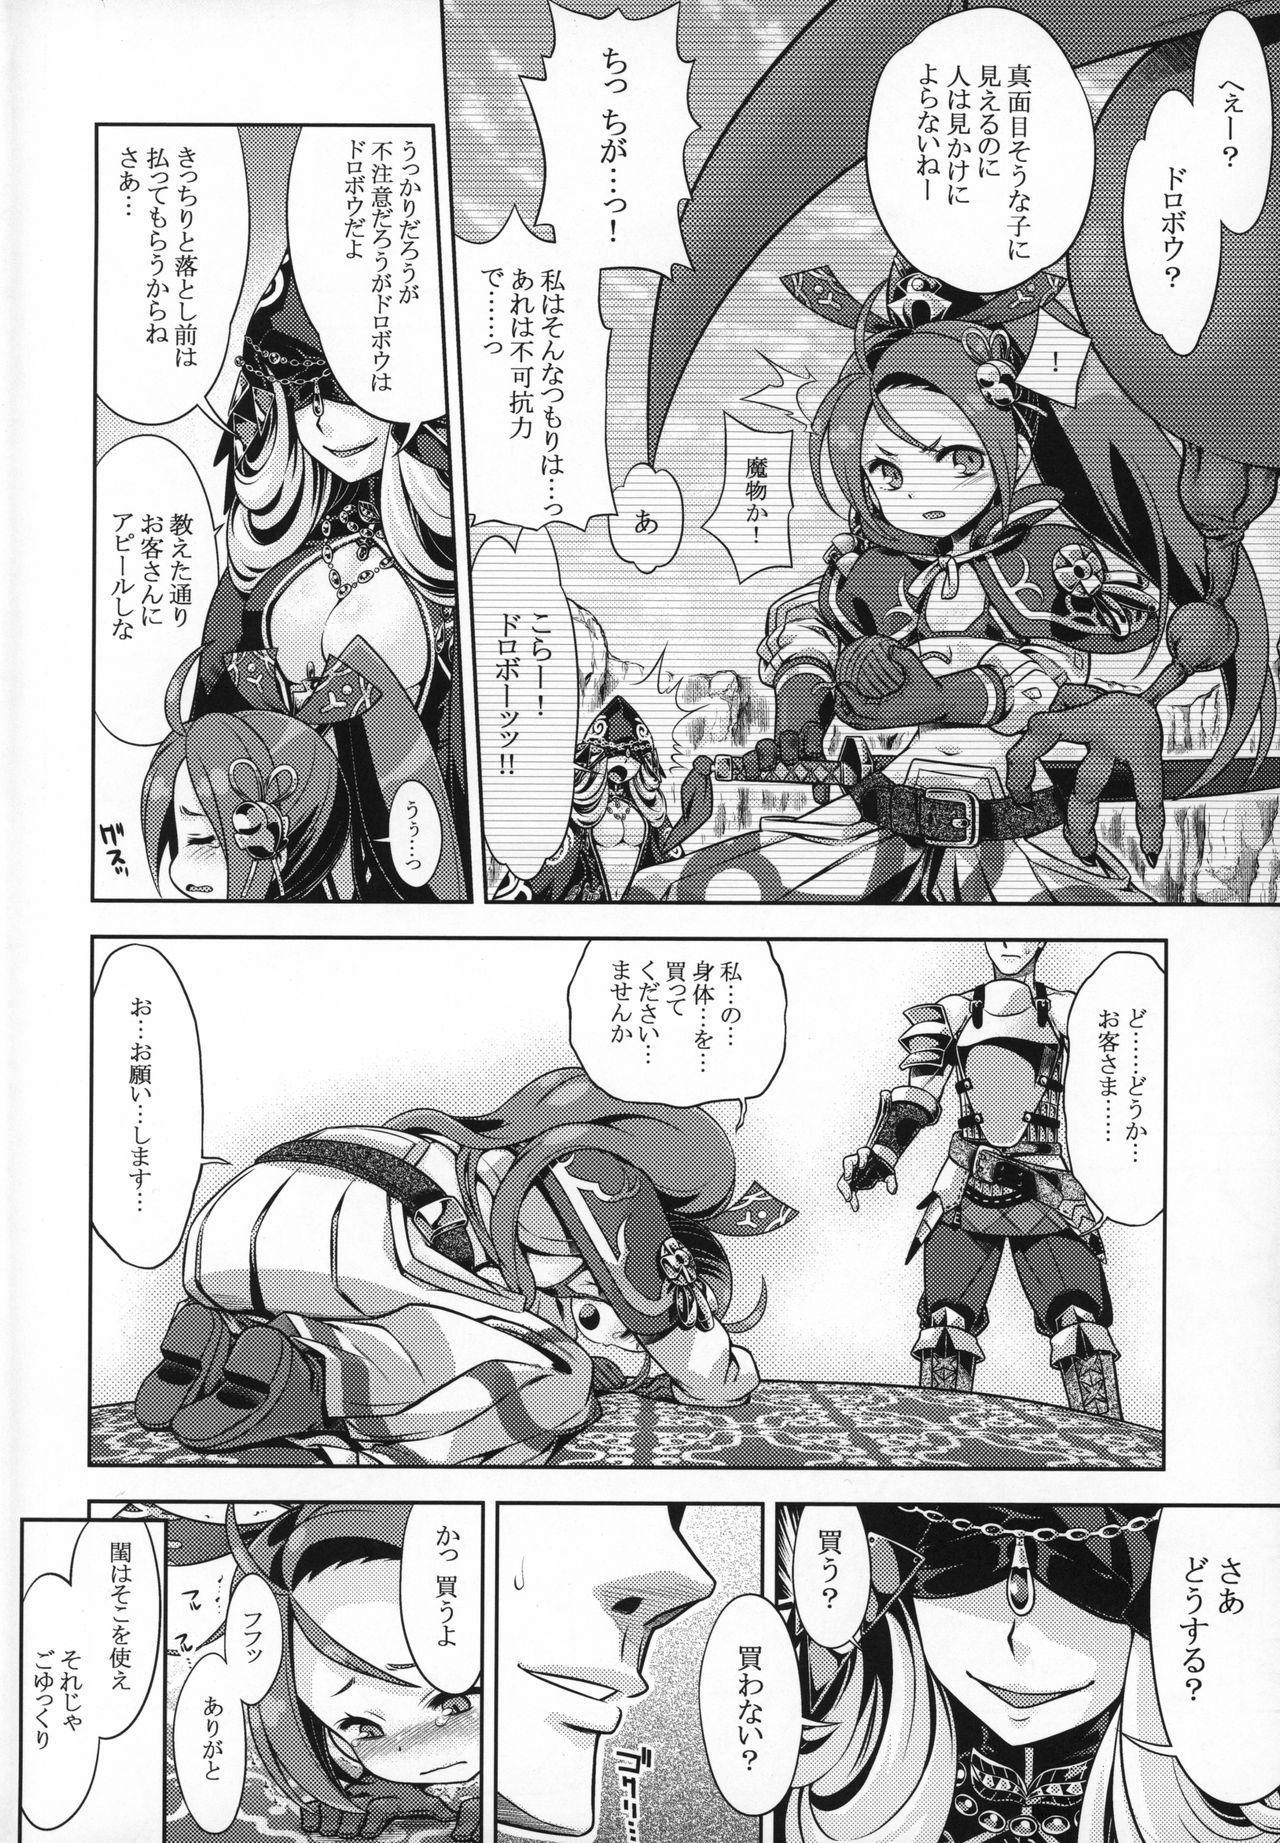 Sekaiju to Fushigi no Anone 2 2